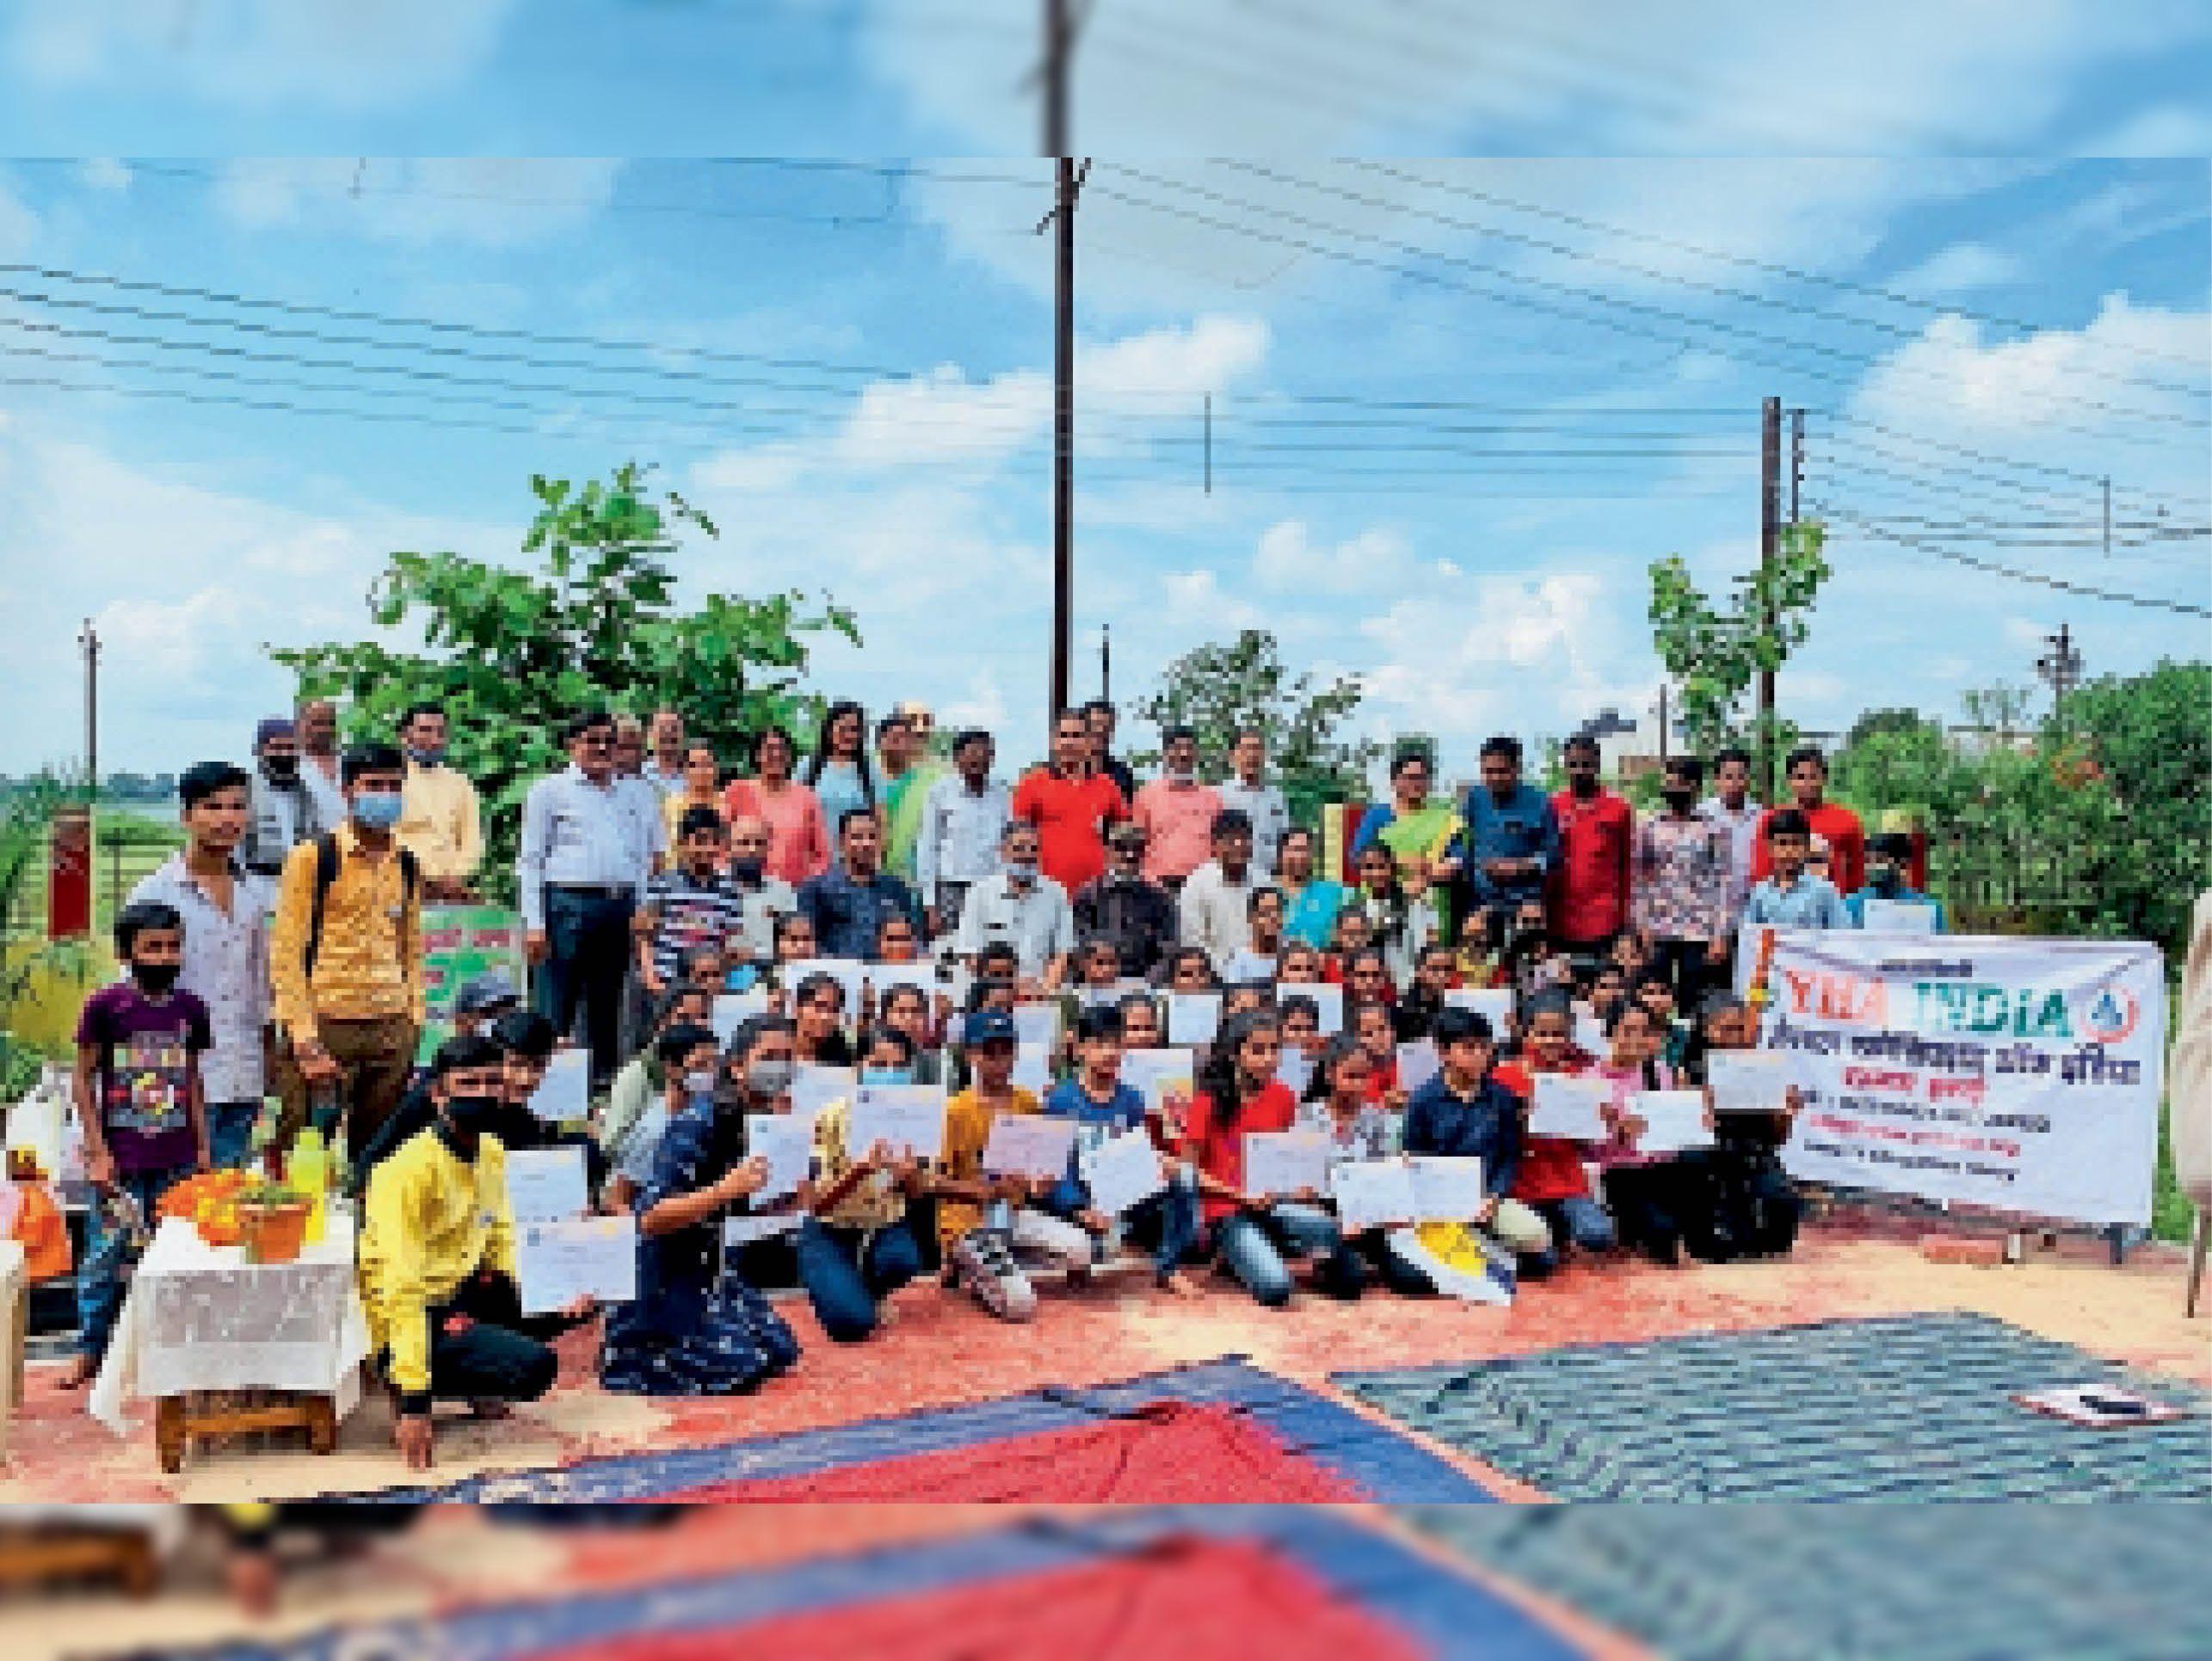 स्पर्धा में विजयी रहे विद्यार्थियों को पुरस्कृत किया - Dainik Bhaskar